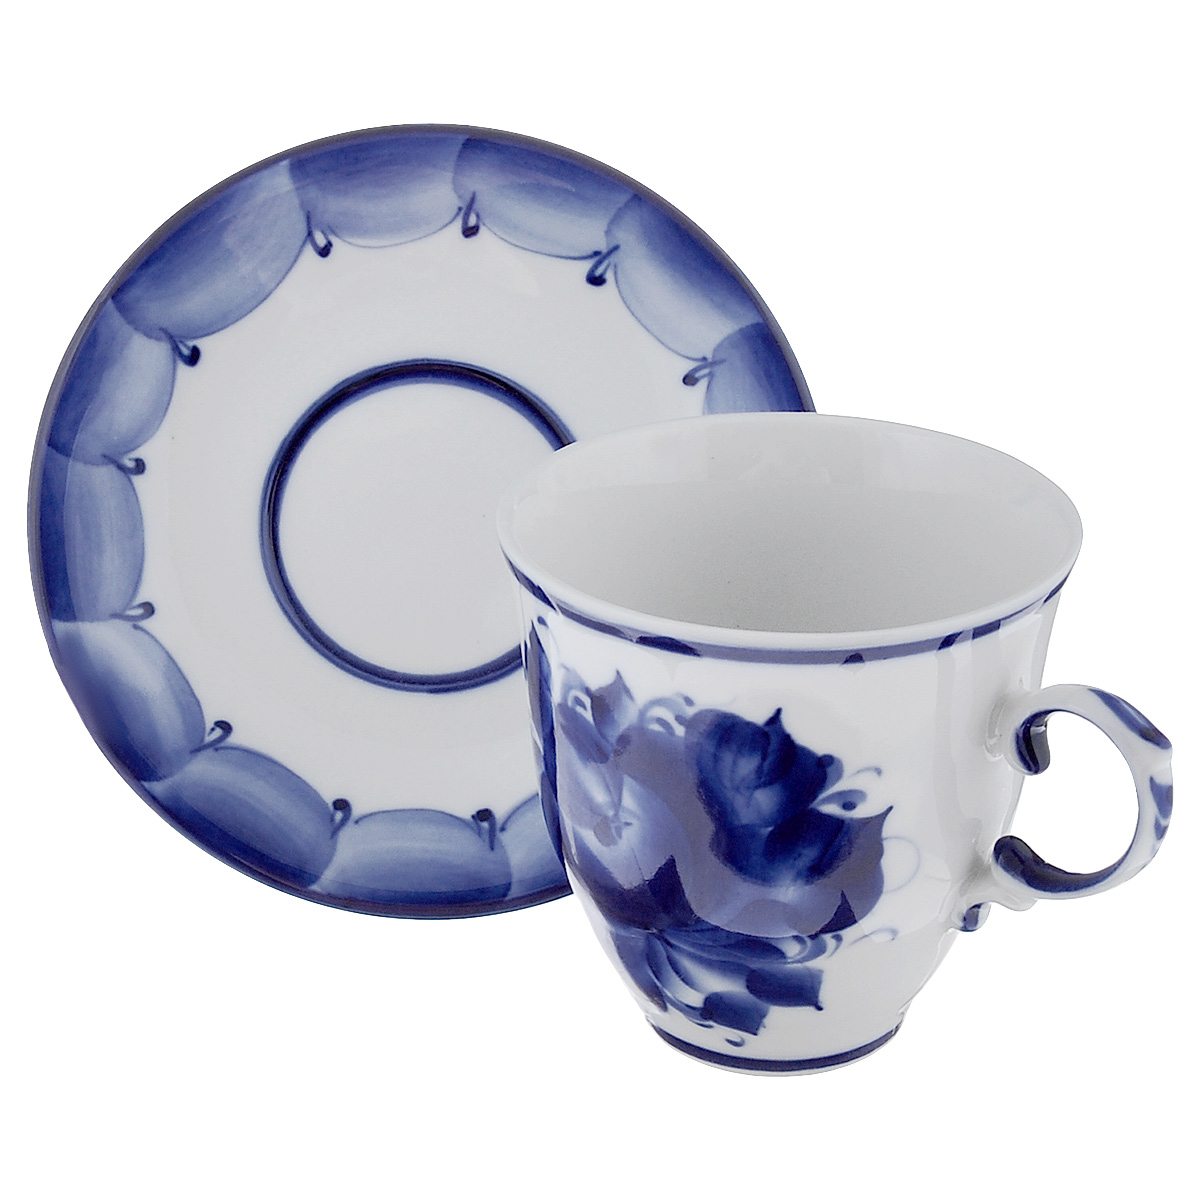 Чайная пара Чародейка, цвет: белый, синий, 2 предмета993067012Чайная пара Чародейка выполнена из высококачественной керамики, состоит из чашки и блюдца оформленных гжельской росписью. Яркий дизайн, несомненно, придется вам по вкусу.Чайная пара Чародейка украсит ваш кухонный стол, а также станет замечательным подарком к любому празднику.Гжель - один из традиционных российских центров производства керамики и известный народный художественный промысел России. Производят изделия в Московской области, в обширном районе из 27 деревень, называемых Гжельский куст. Профессиональные мастера сохраняют традиции росписи и создают истинные шедевры. Ей характерна изящная роспись в синих тонах на белом фоне. Традиционными считаются изображения птиц, цветов и узоров. Обращаем ваше внимание, что роспись на изделие сделана вручную. Рисунок может немного отличаться от изображения на фотографии.Объем чашки: 250 мл.Диаметр чашки по верхнему краю: 9 см.Диаметр дна чашки: 4,5 см.Высота чашки: 9 см.Диаметр блюдца: 14,5 см.